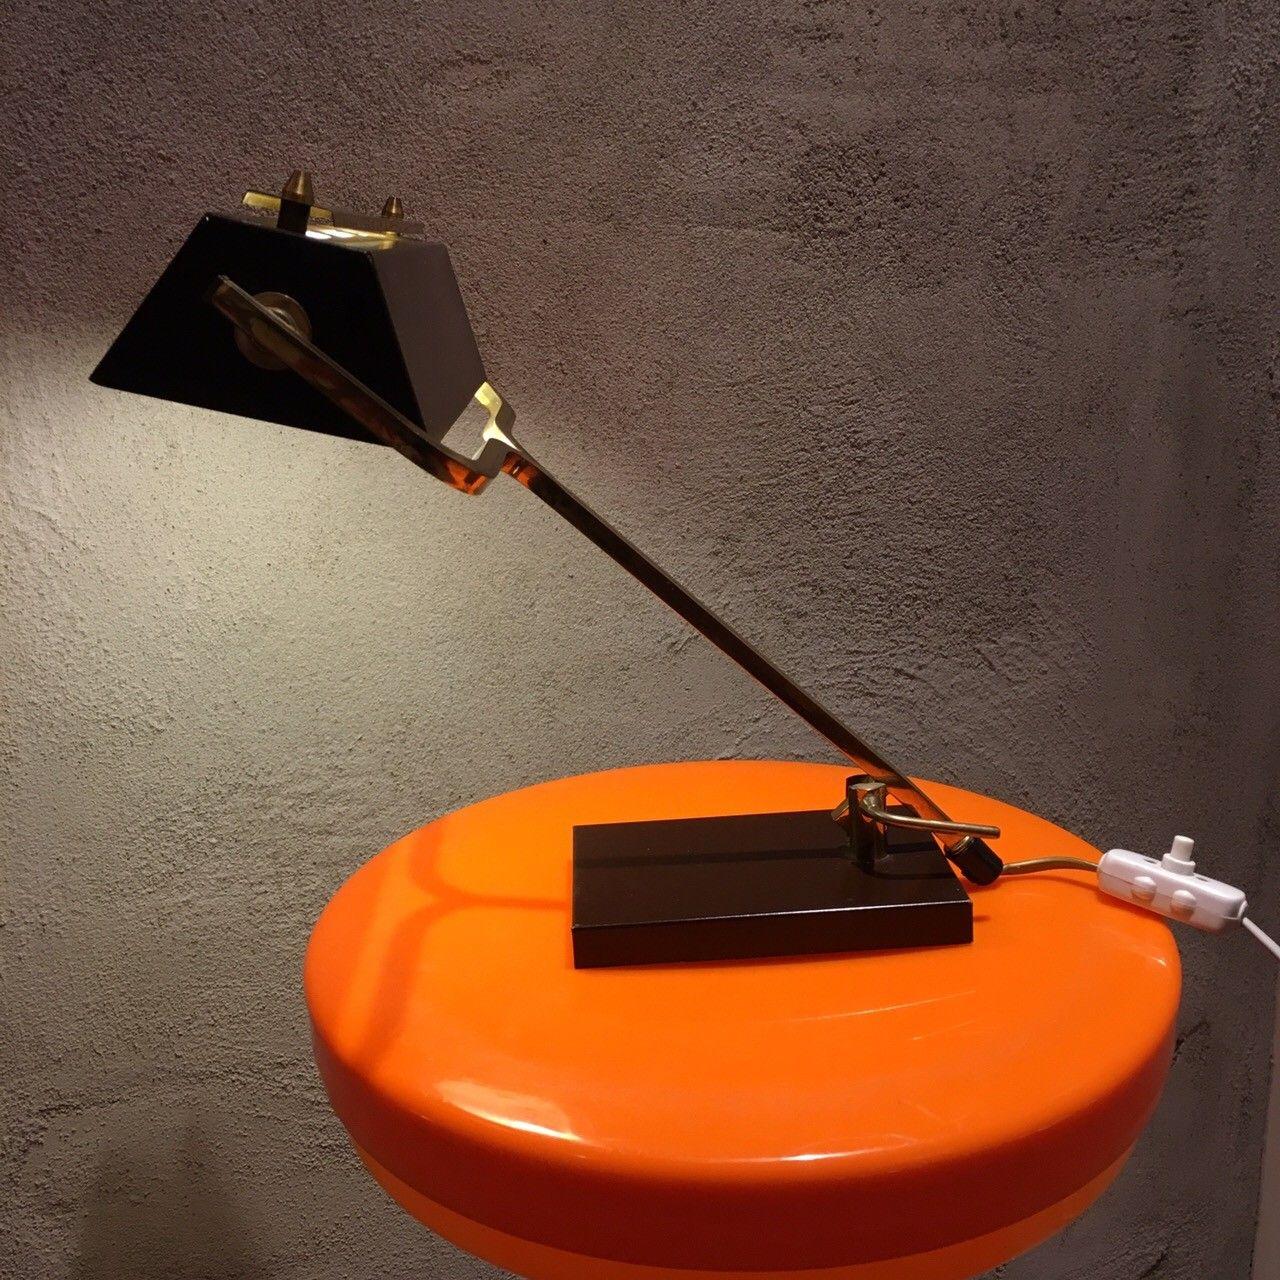 retro - vintage bordlampe / skrivebordslampe / pianolampe - Lørenskog  - retro - vintage bordlampe / skrivebordslampe selges. Produsert i Skandinavia på 1950 eller 1960-tallet.  Kan også brukes som pianolampe  Perfekt til retro interiør sammen med f.eks. tidstypiske møbler i teak og palisander.&#1 - Lørenskog